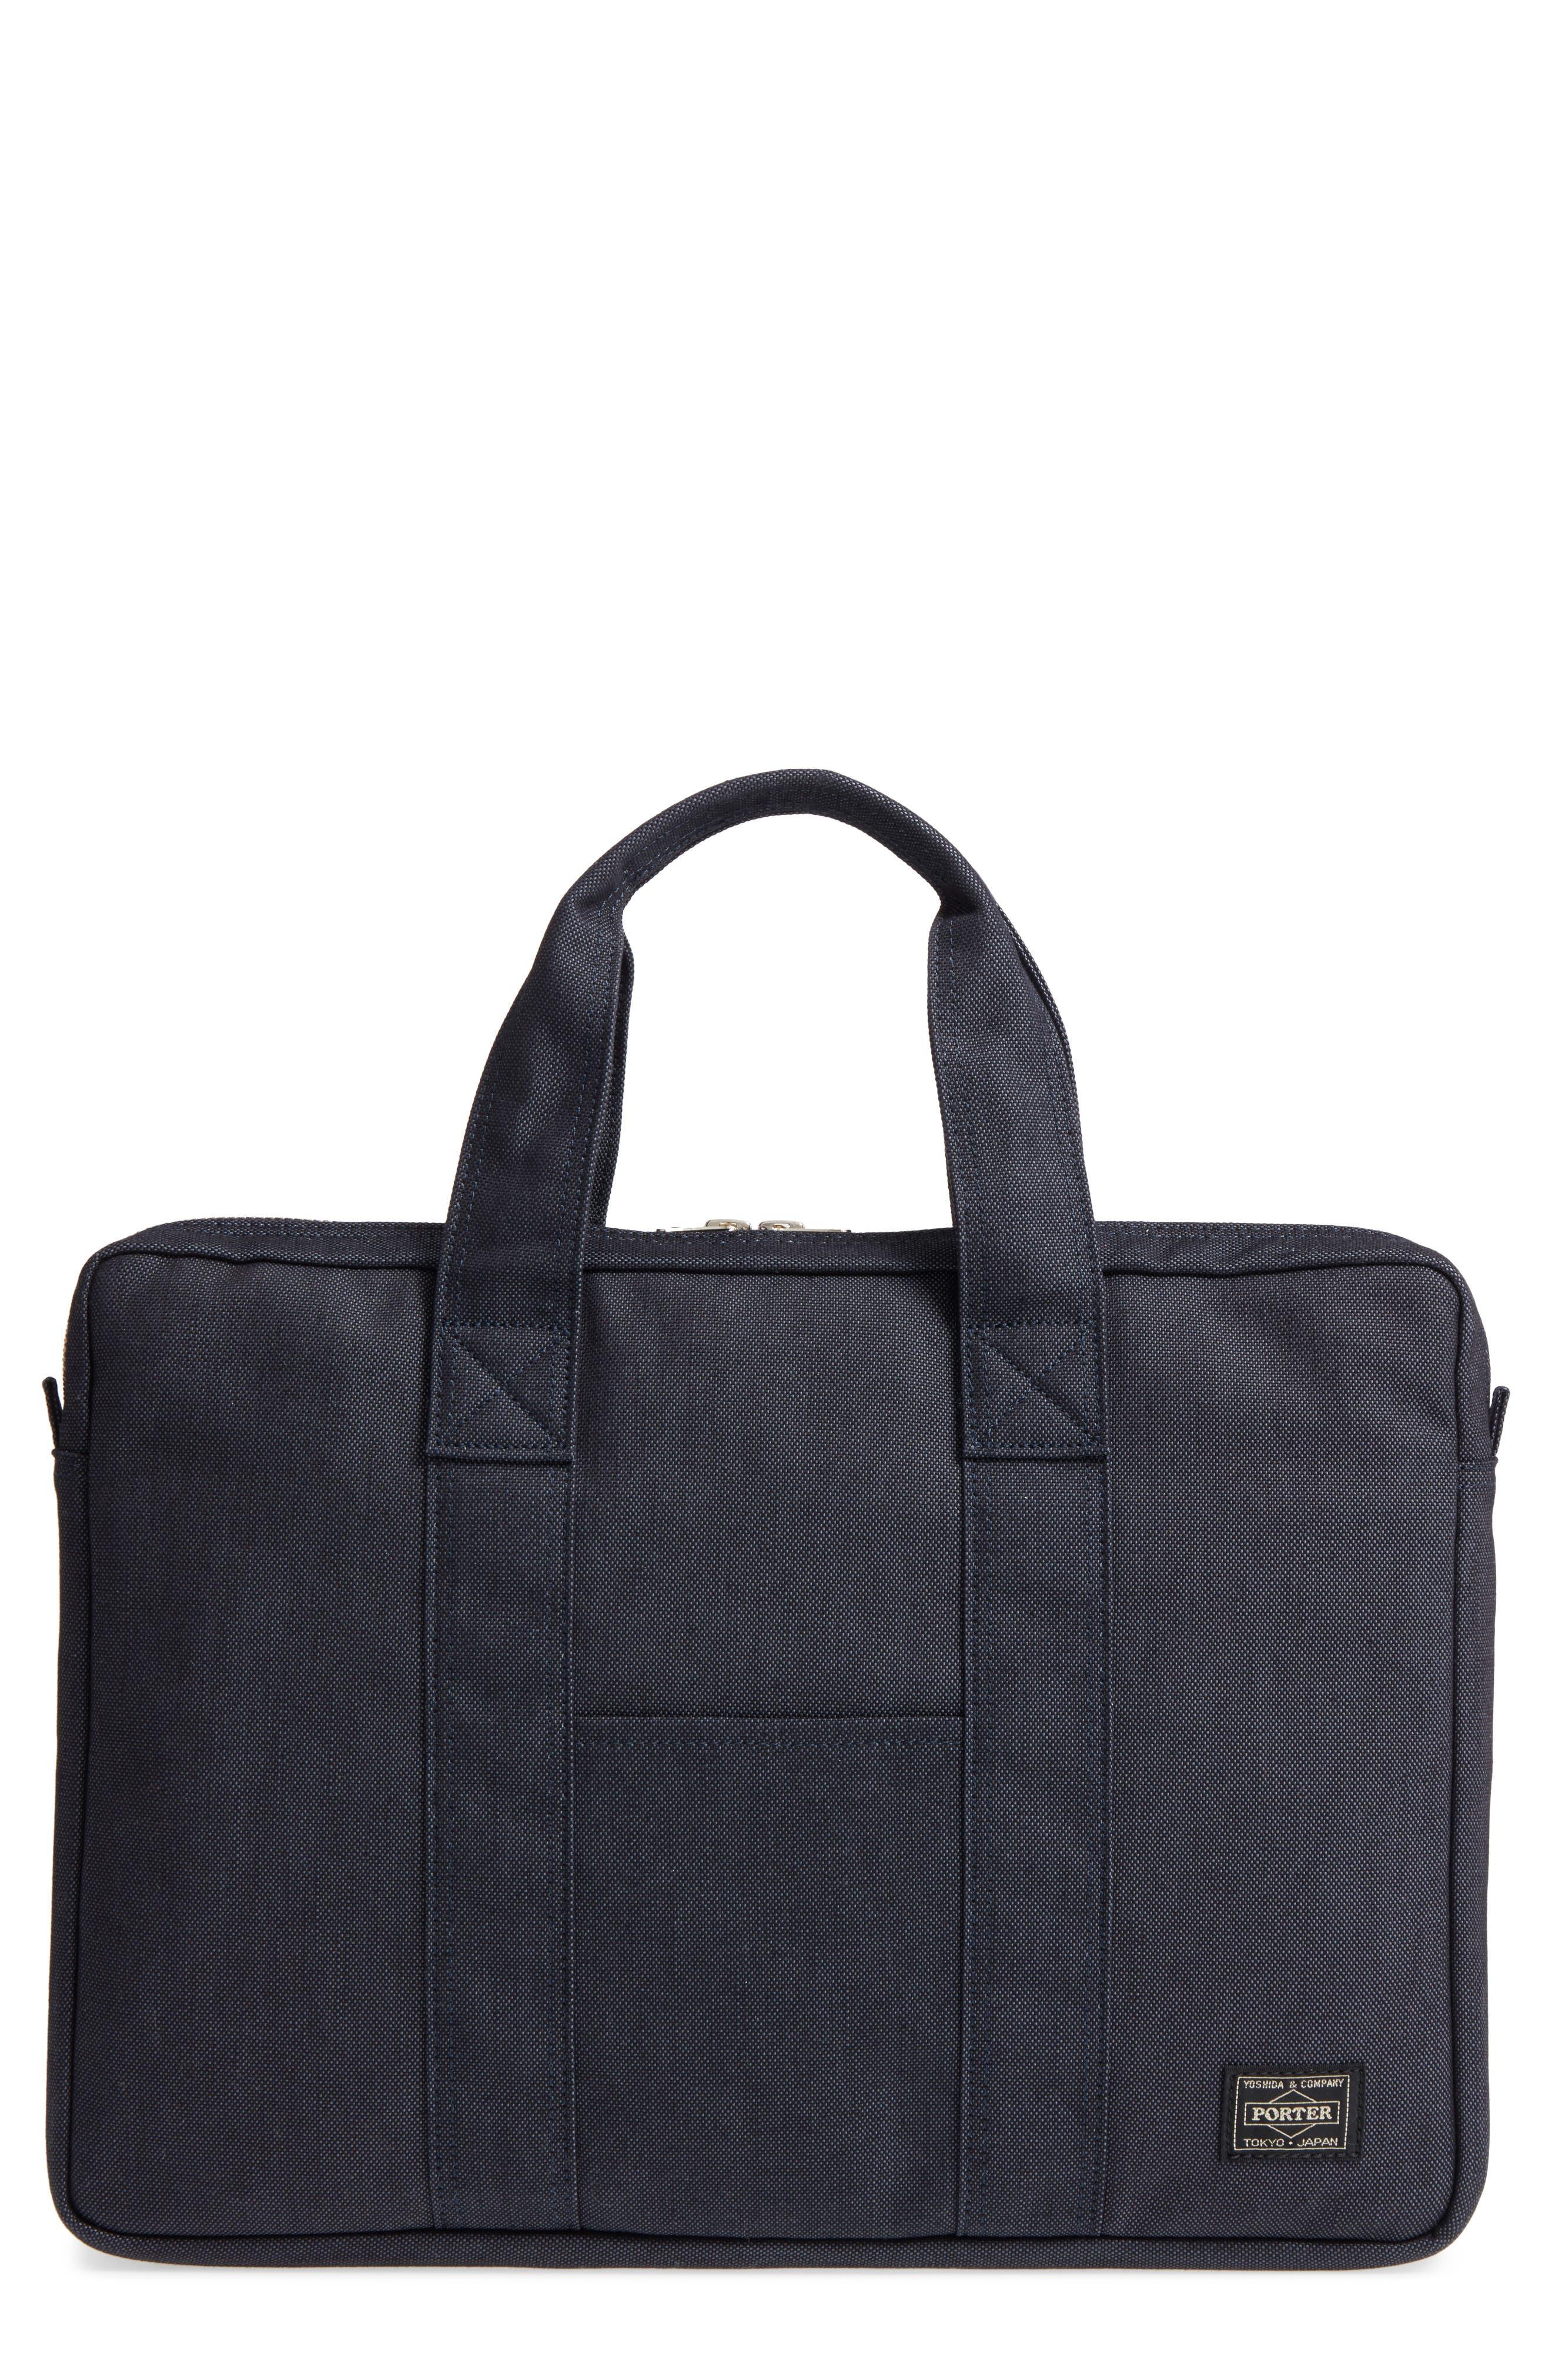 Porter-Yoshida & Co. Smoky Briefcase,                             Main thumbnail 1, color,                             400